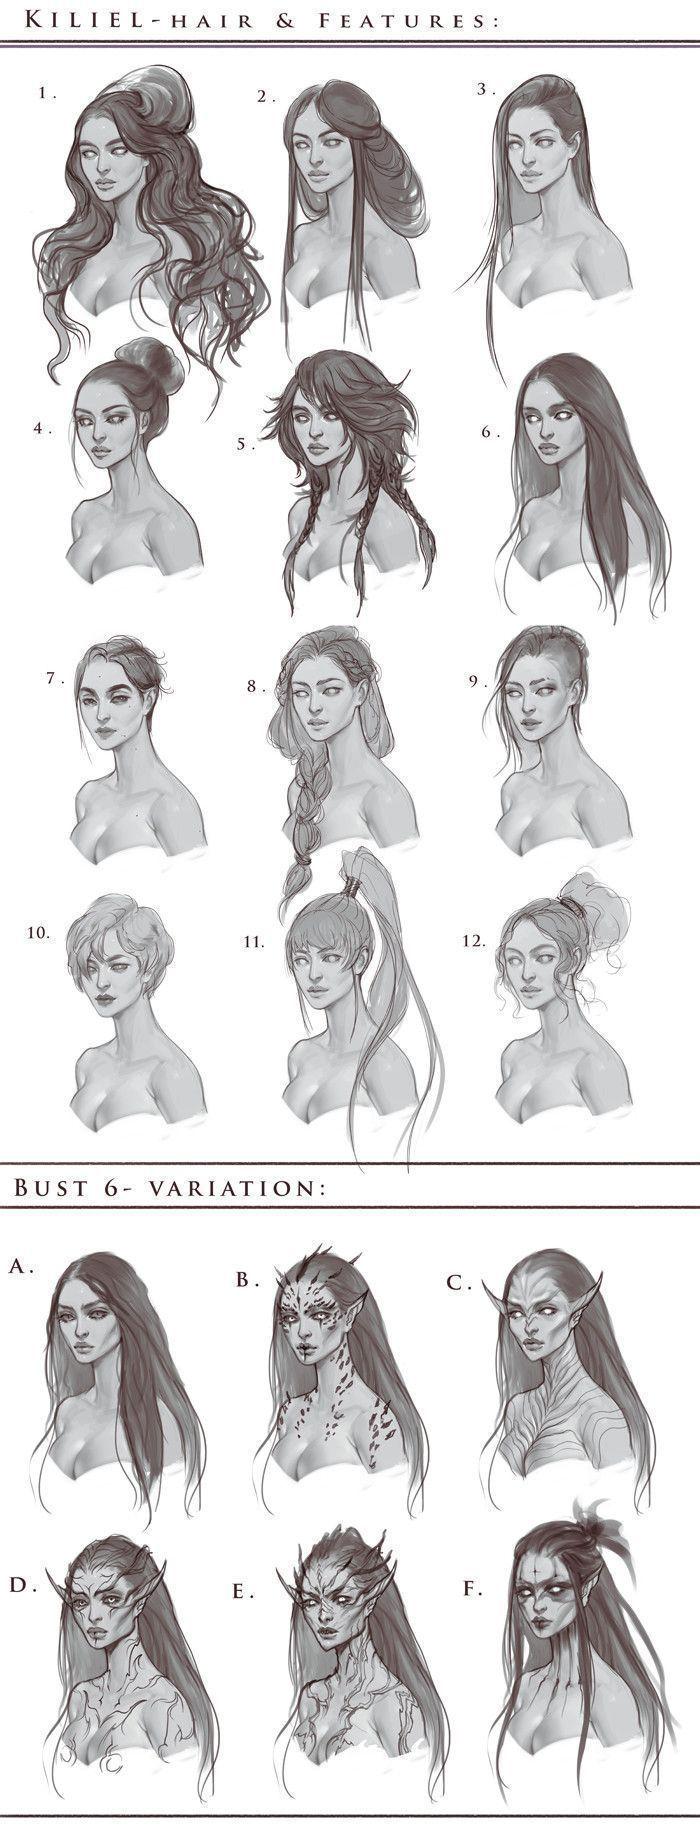 long hair models - 50 ideas for short hair for women long hair models - 50 ideas for short hair for